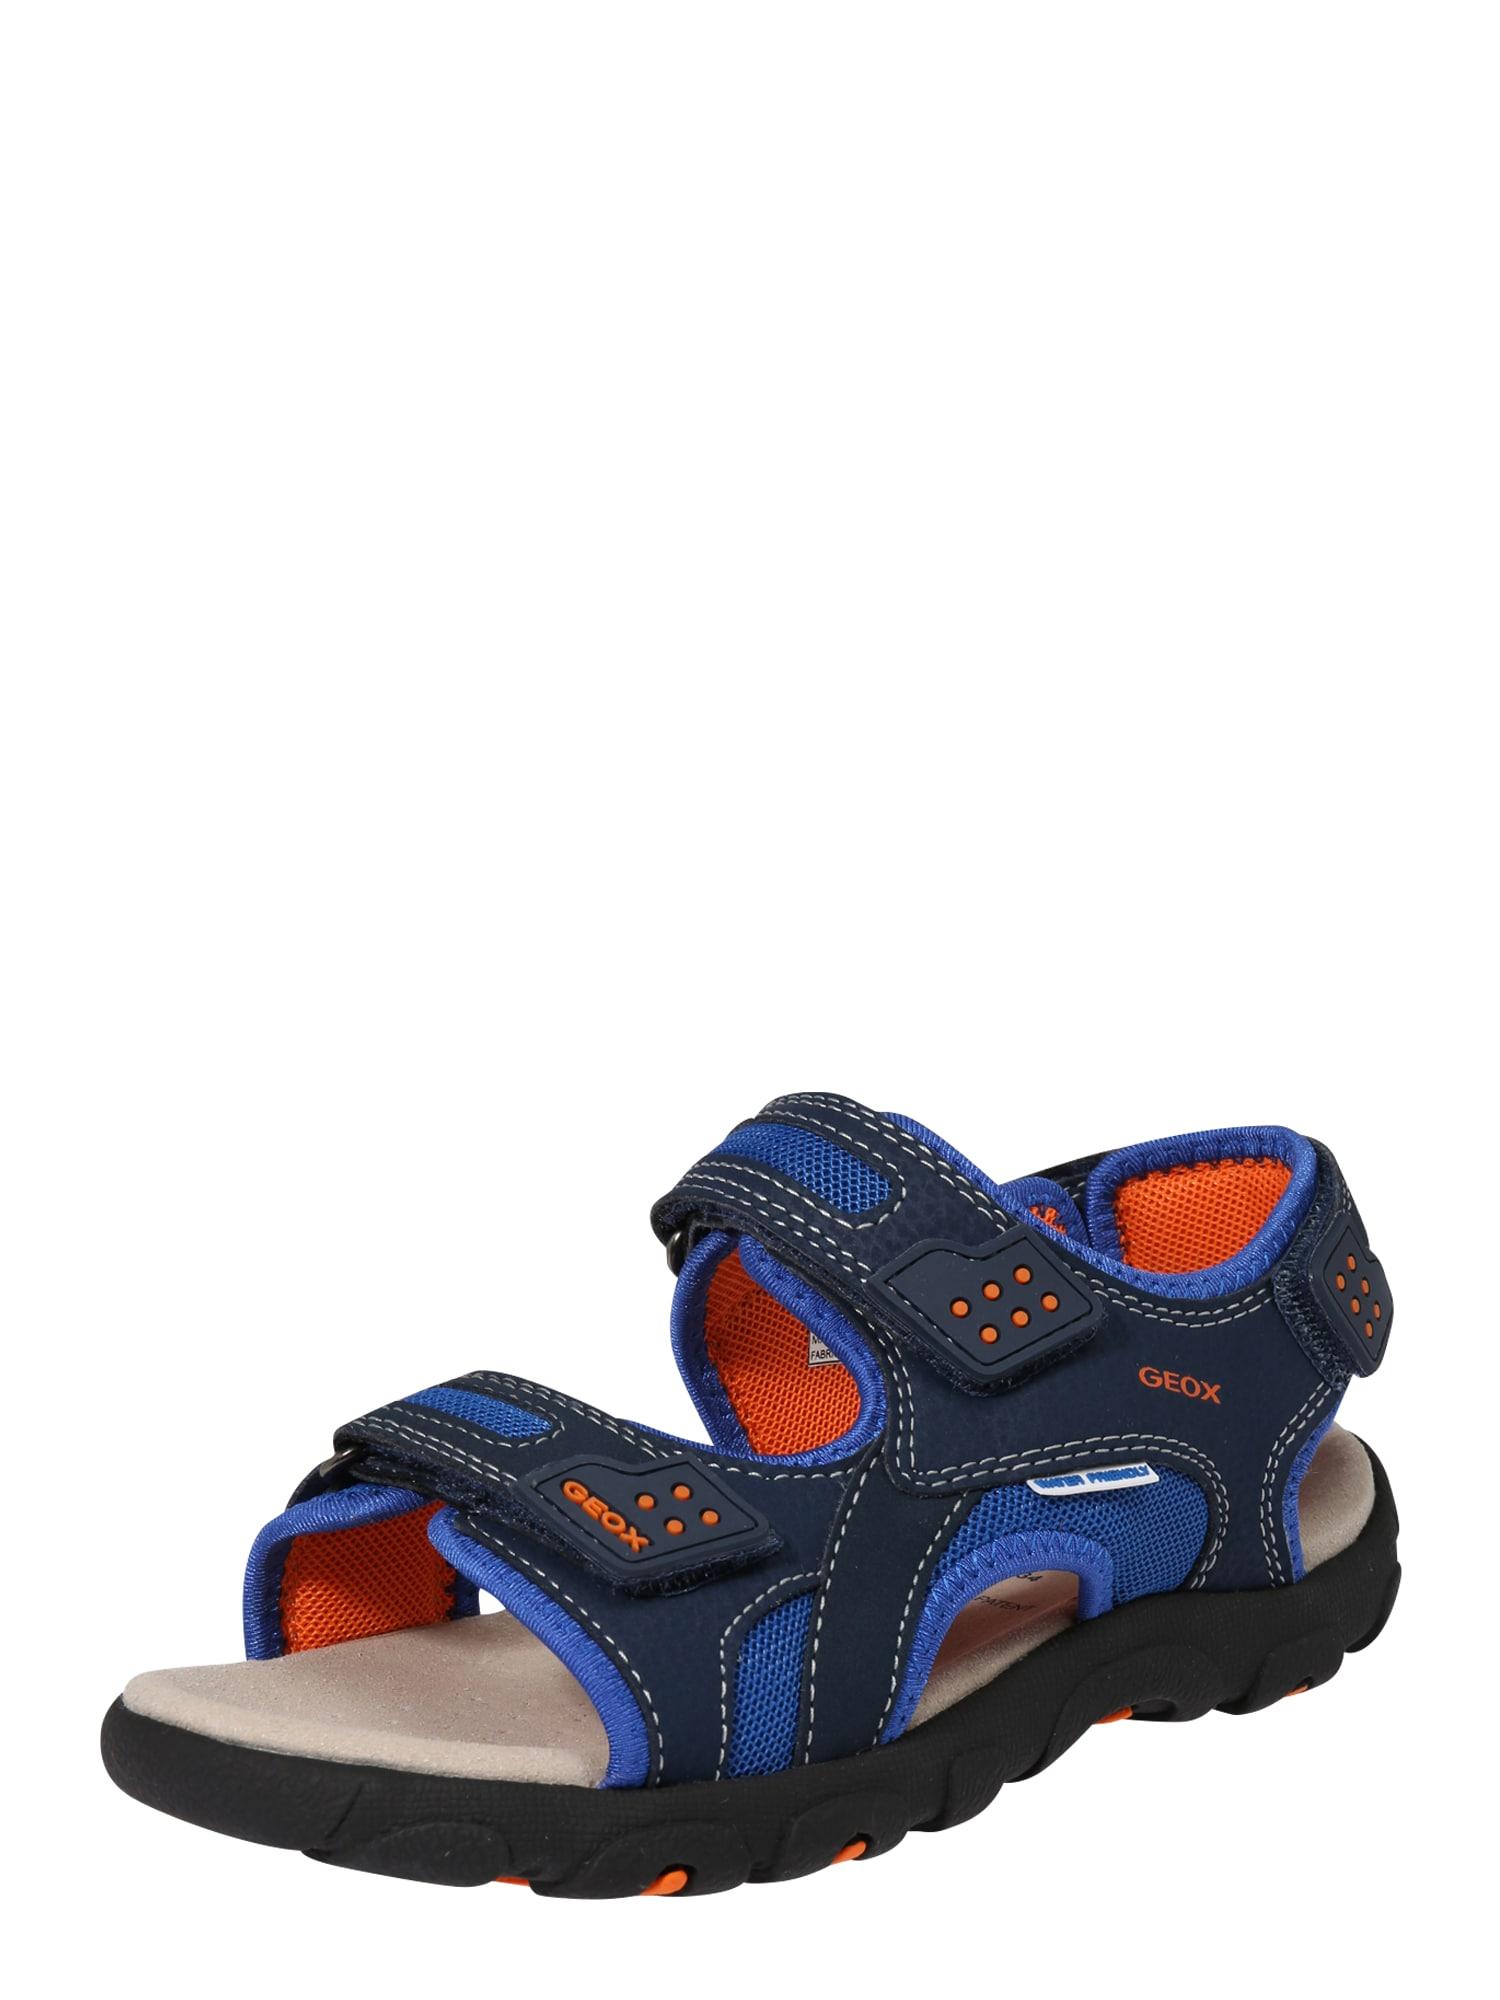 Otevřená obuv modrá tmavě modrá tmavě oranžová GEOX